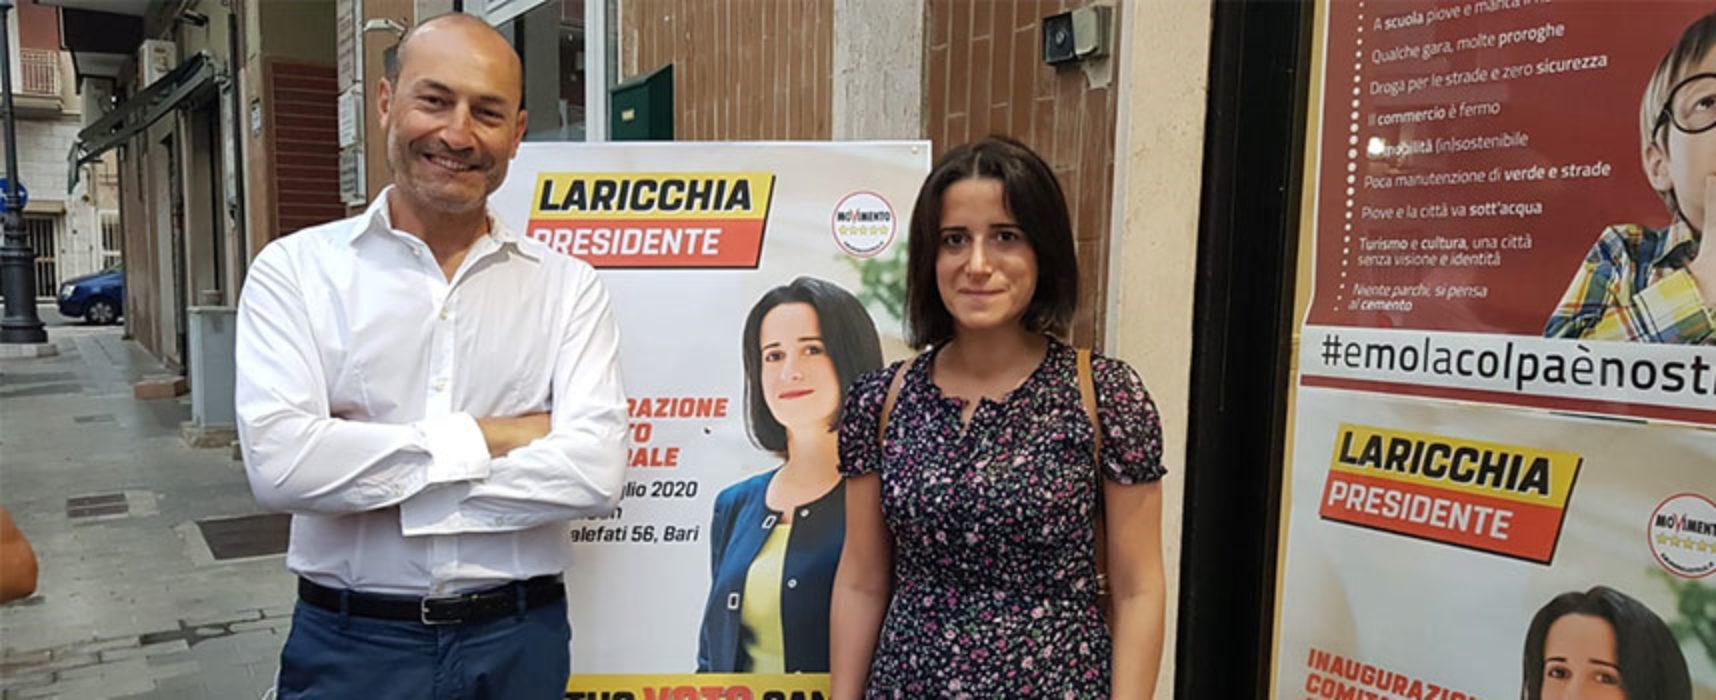 Movimento 5 Stelle in piazza per parlare di referendum ed elezioni regionali